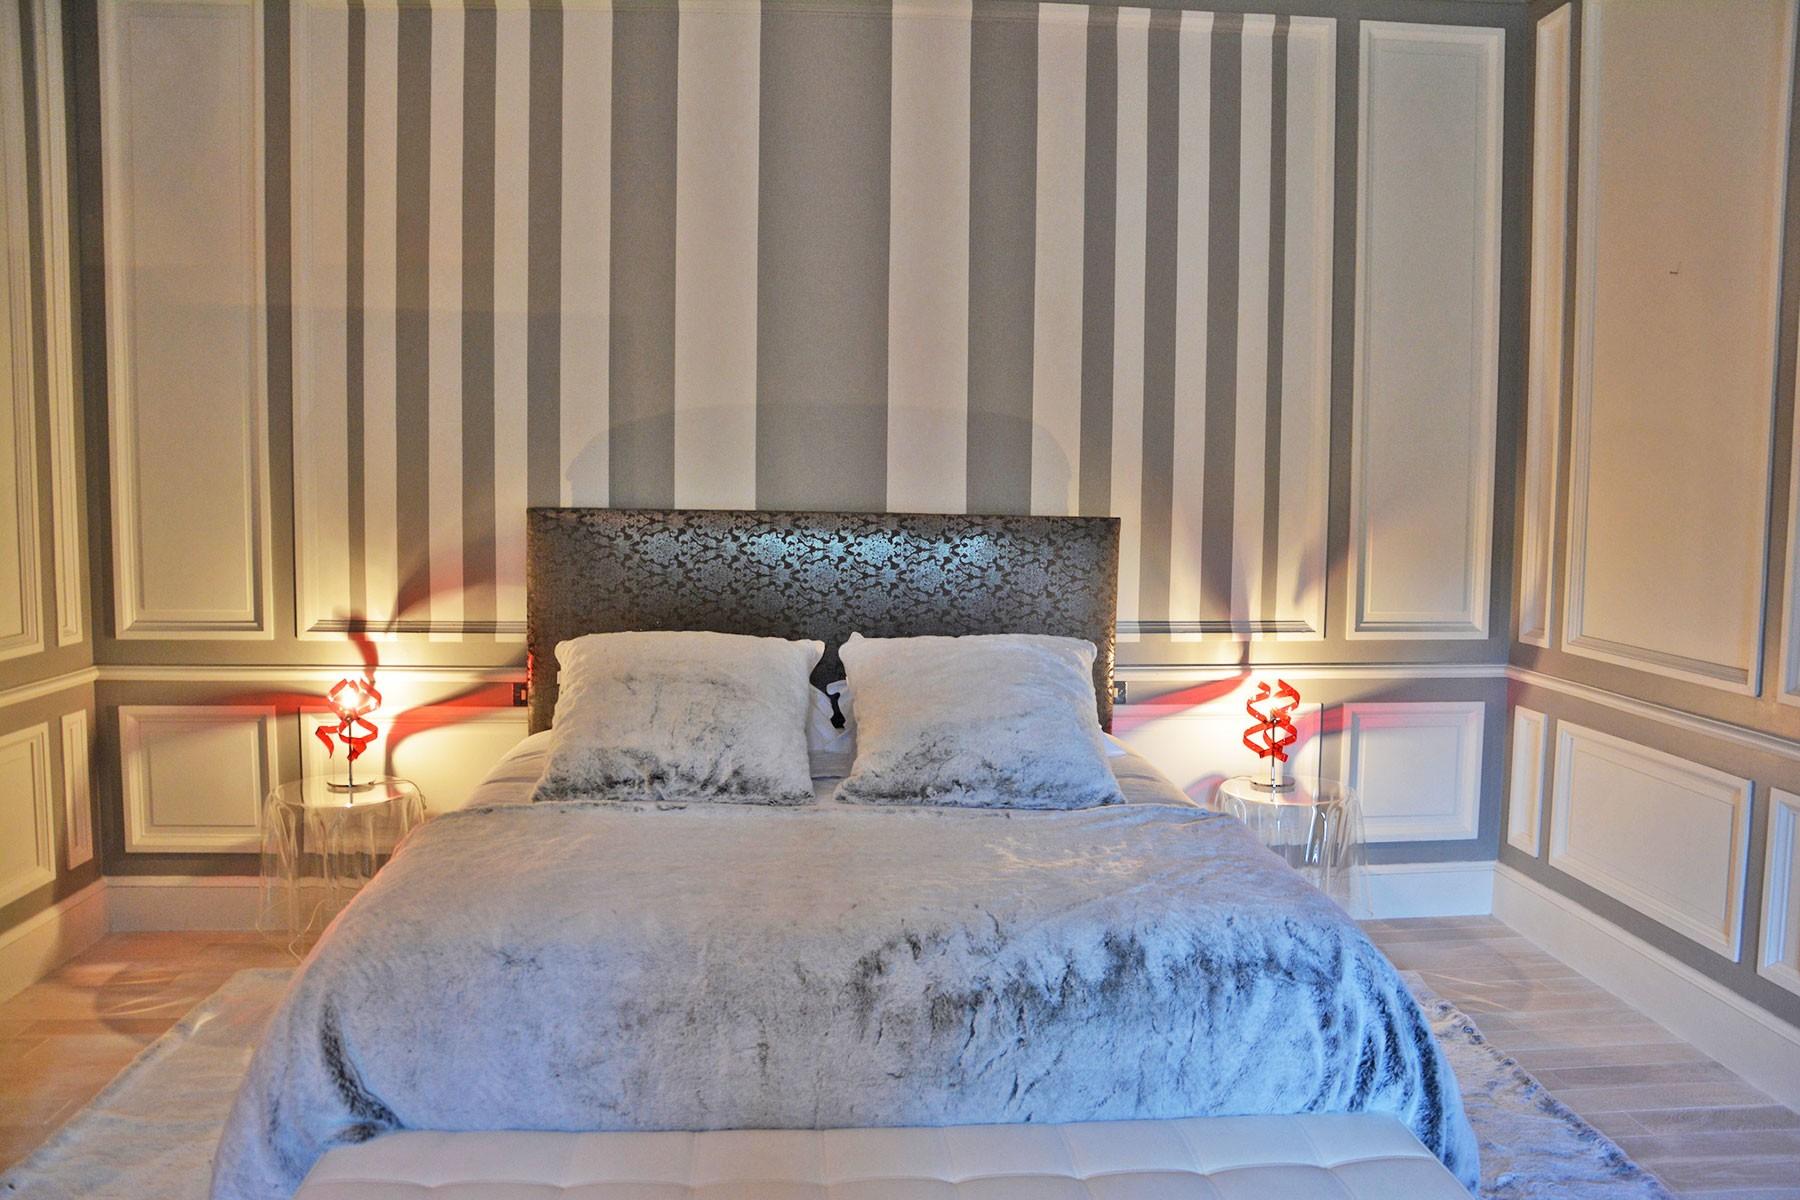 literie d hotel ensemble de literie duhtel avec draps de lit draps de draps ensemble with. Black Bedroom Furniture Sets. Home Design Ideas